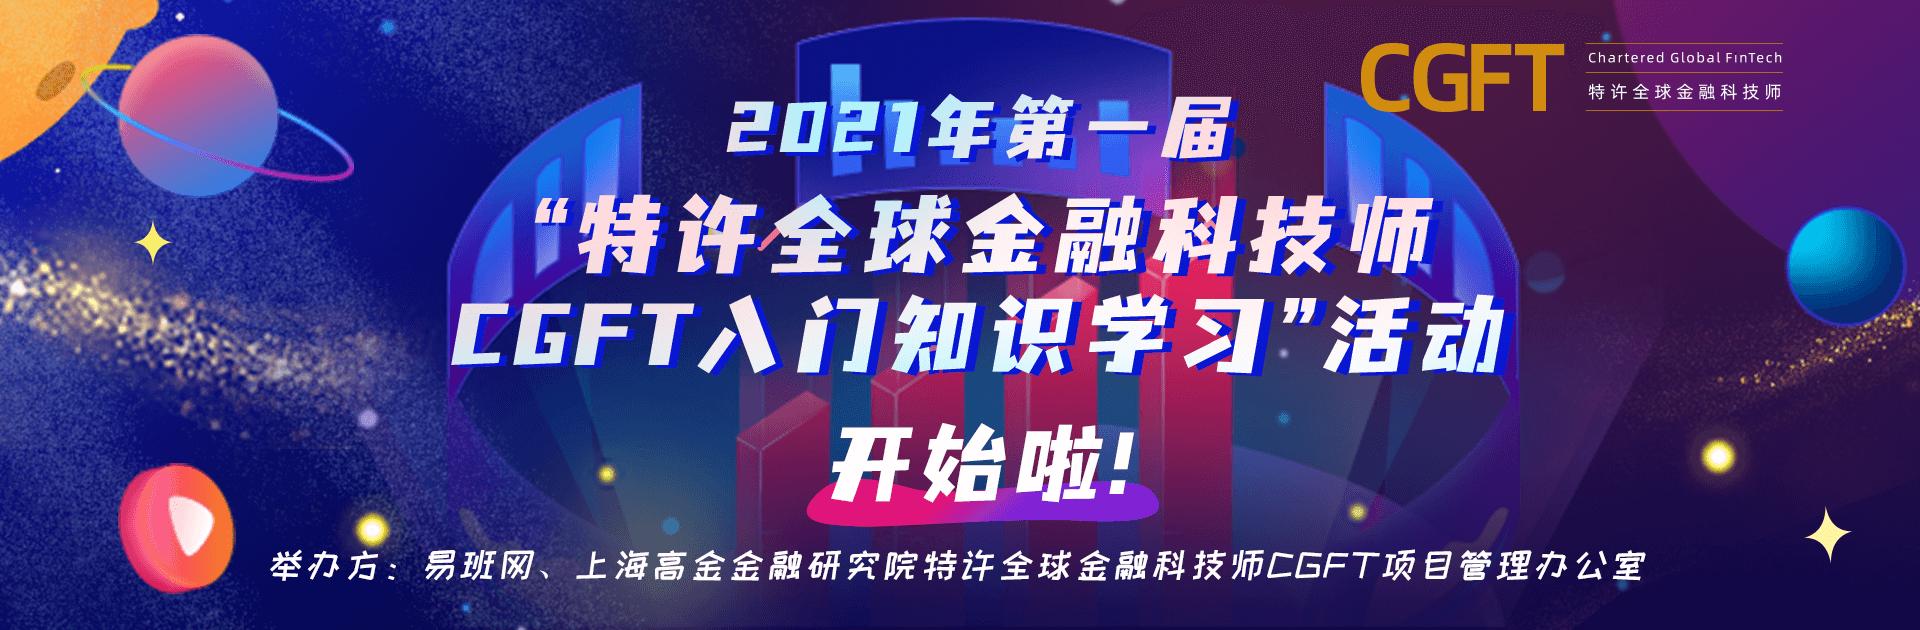 """易班网举办2021年第一届 """"特许全球金融科技师CGFT入门知识学习"""" 活动"""